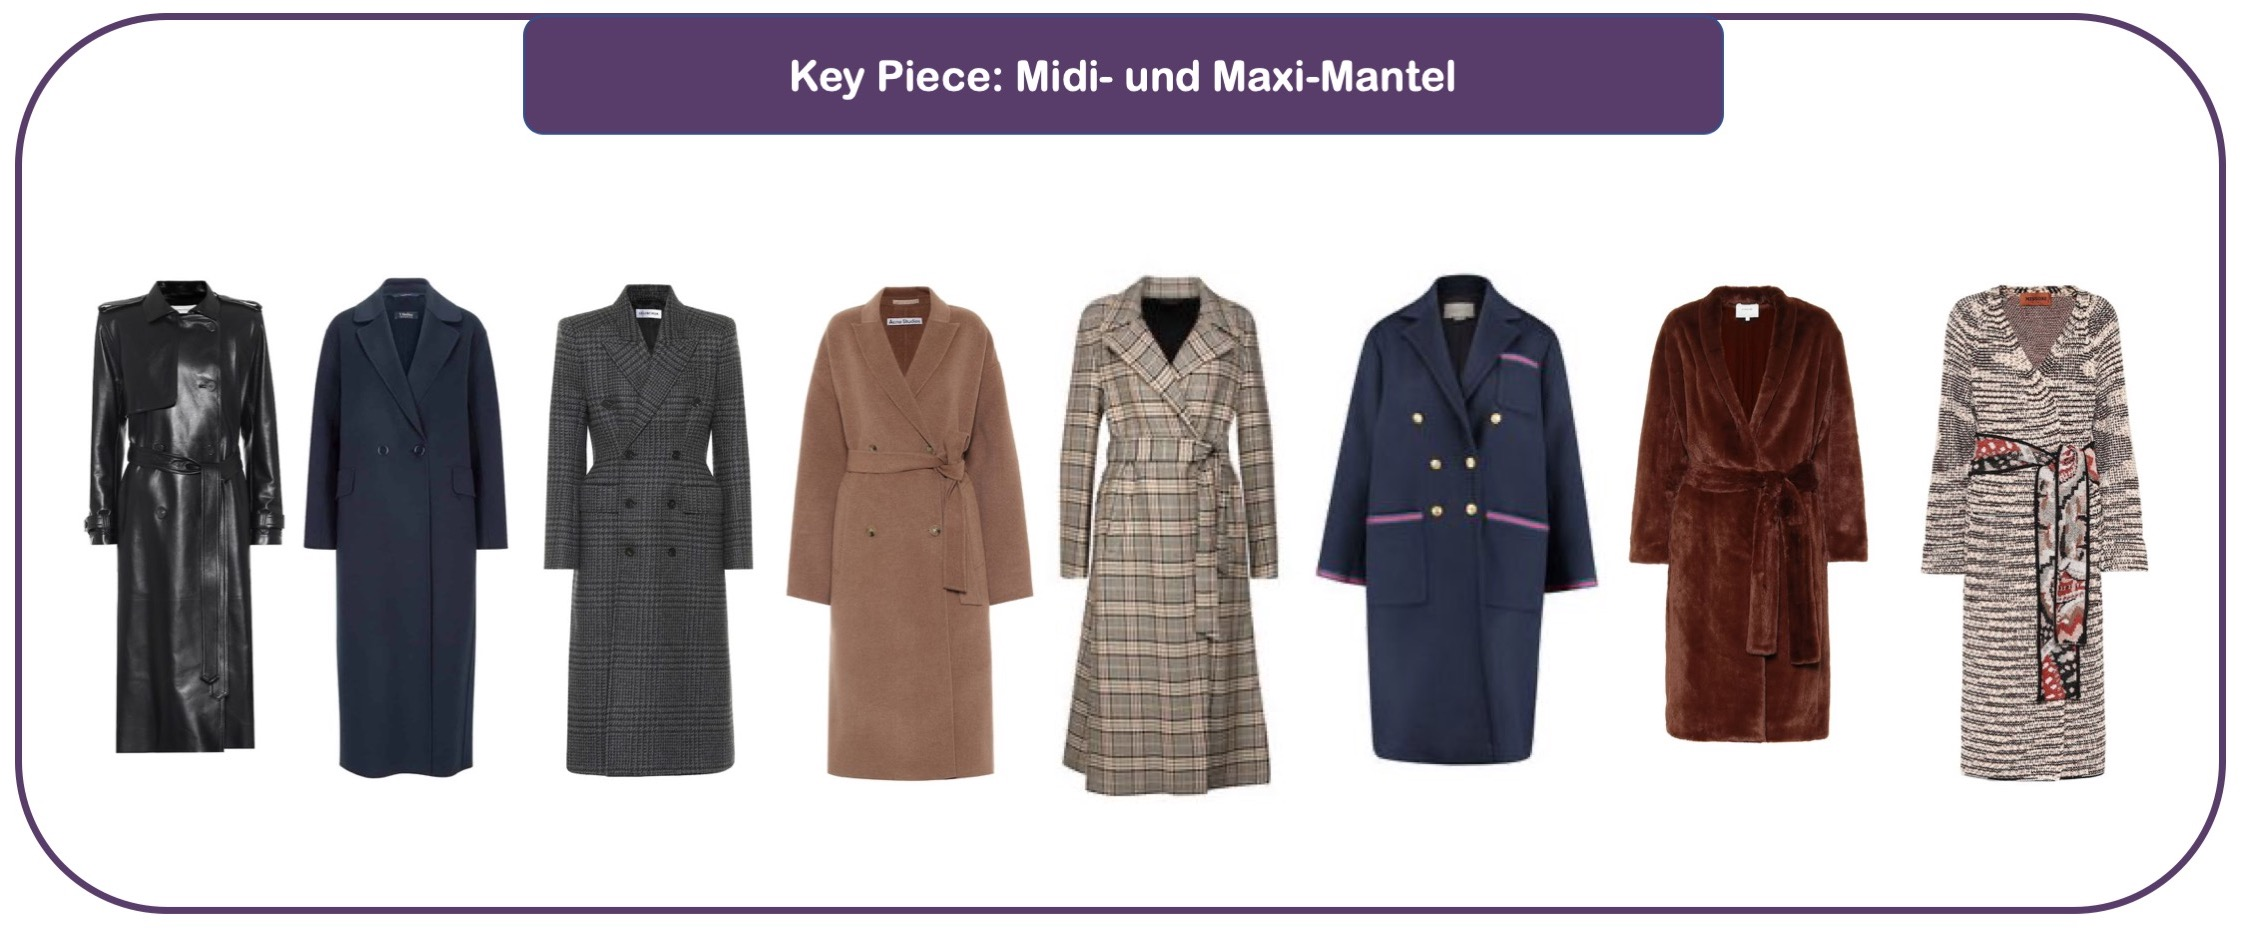 Key-Pieces langer Mantel für Herbst und Winter 20/21